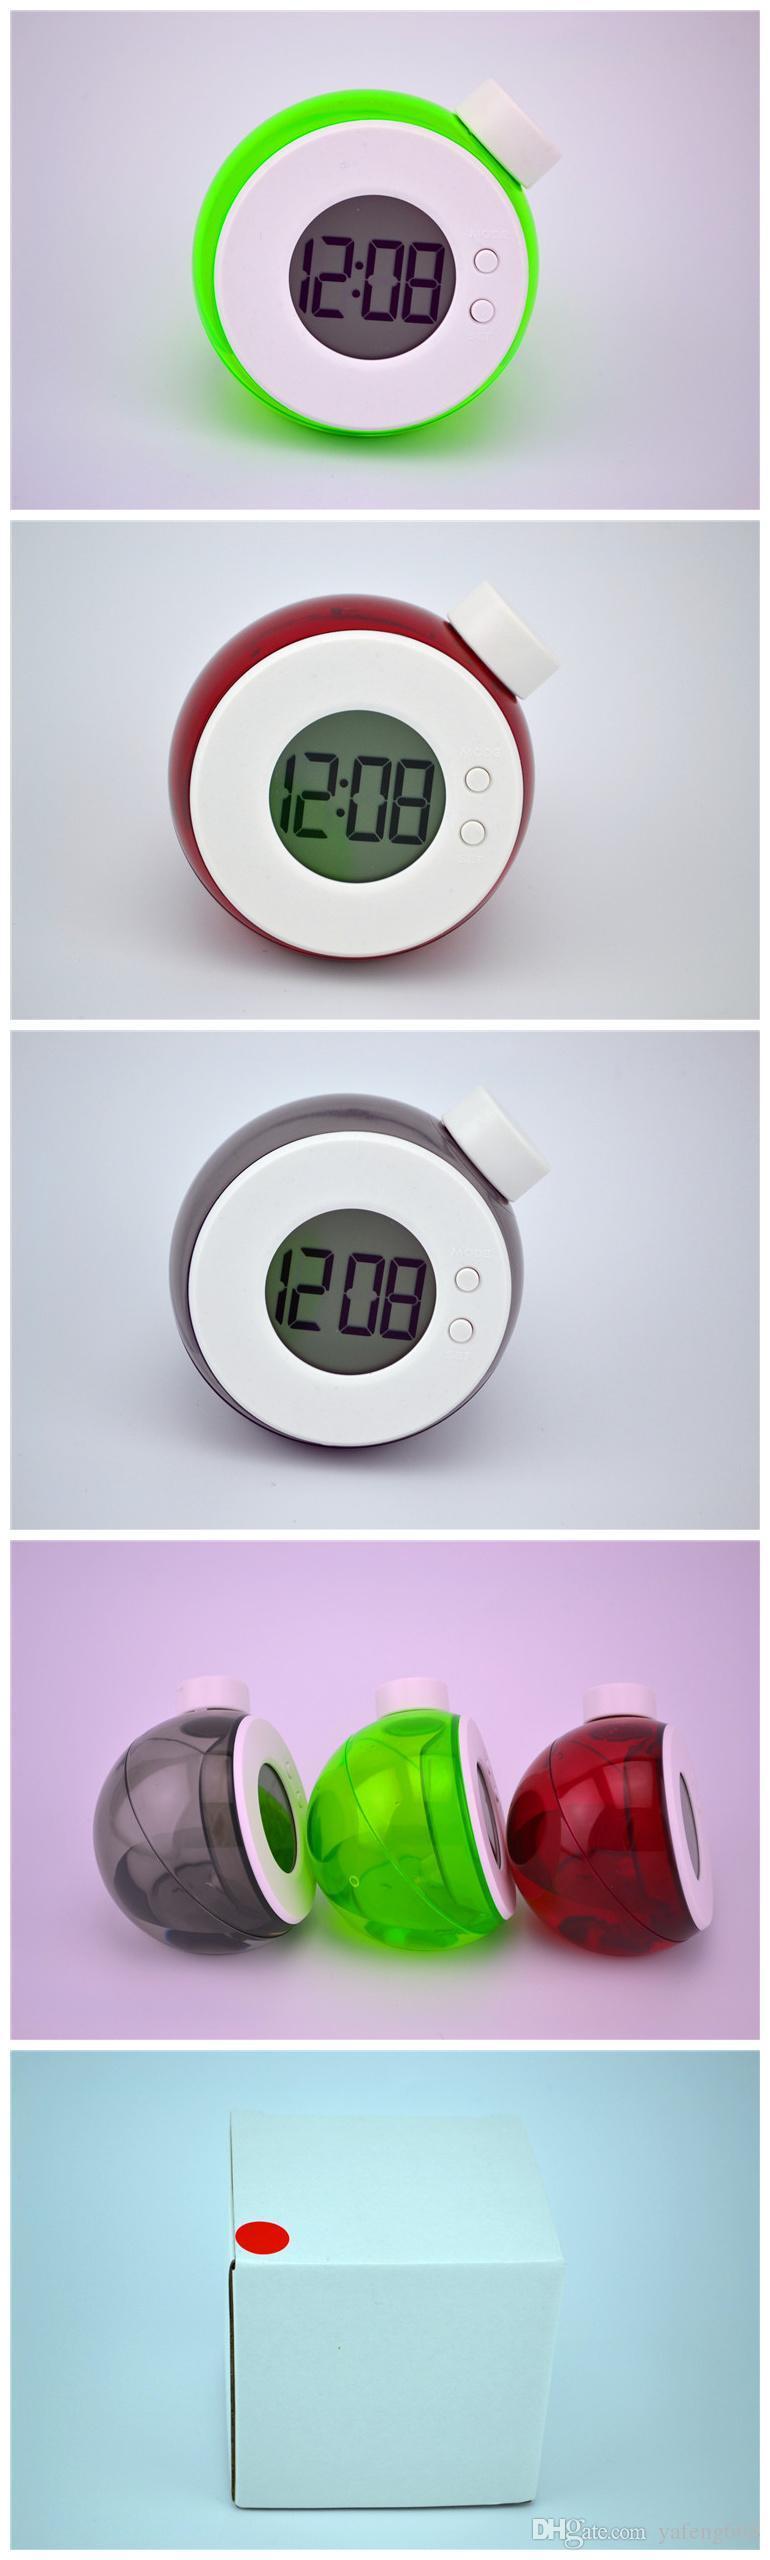 Creativo acqua orologio acqua elemento magico potere intelligente allarme creativo Creative Electronics